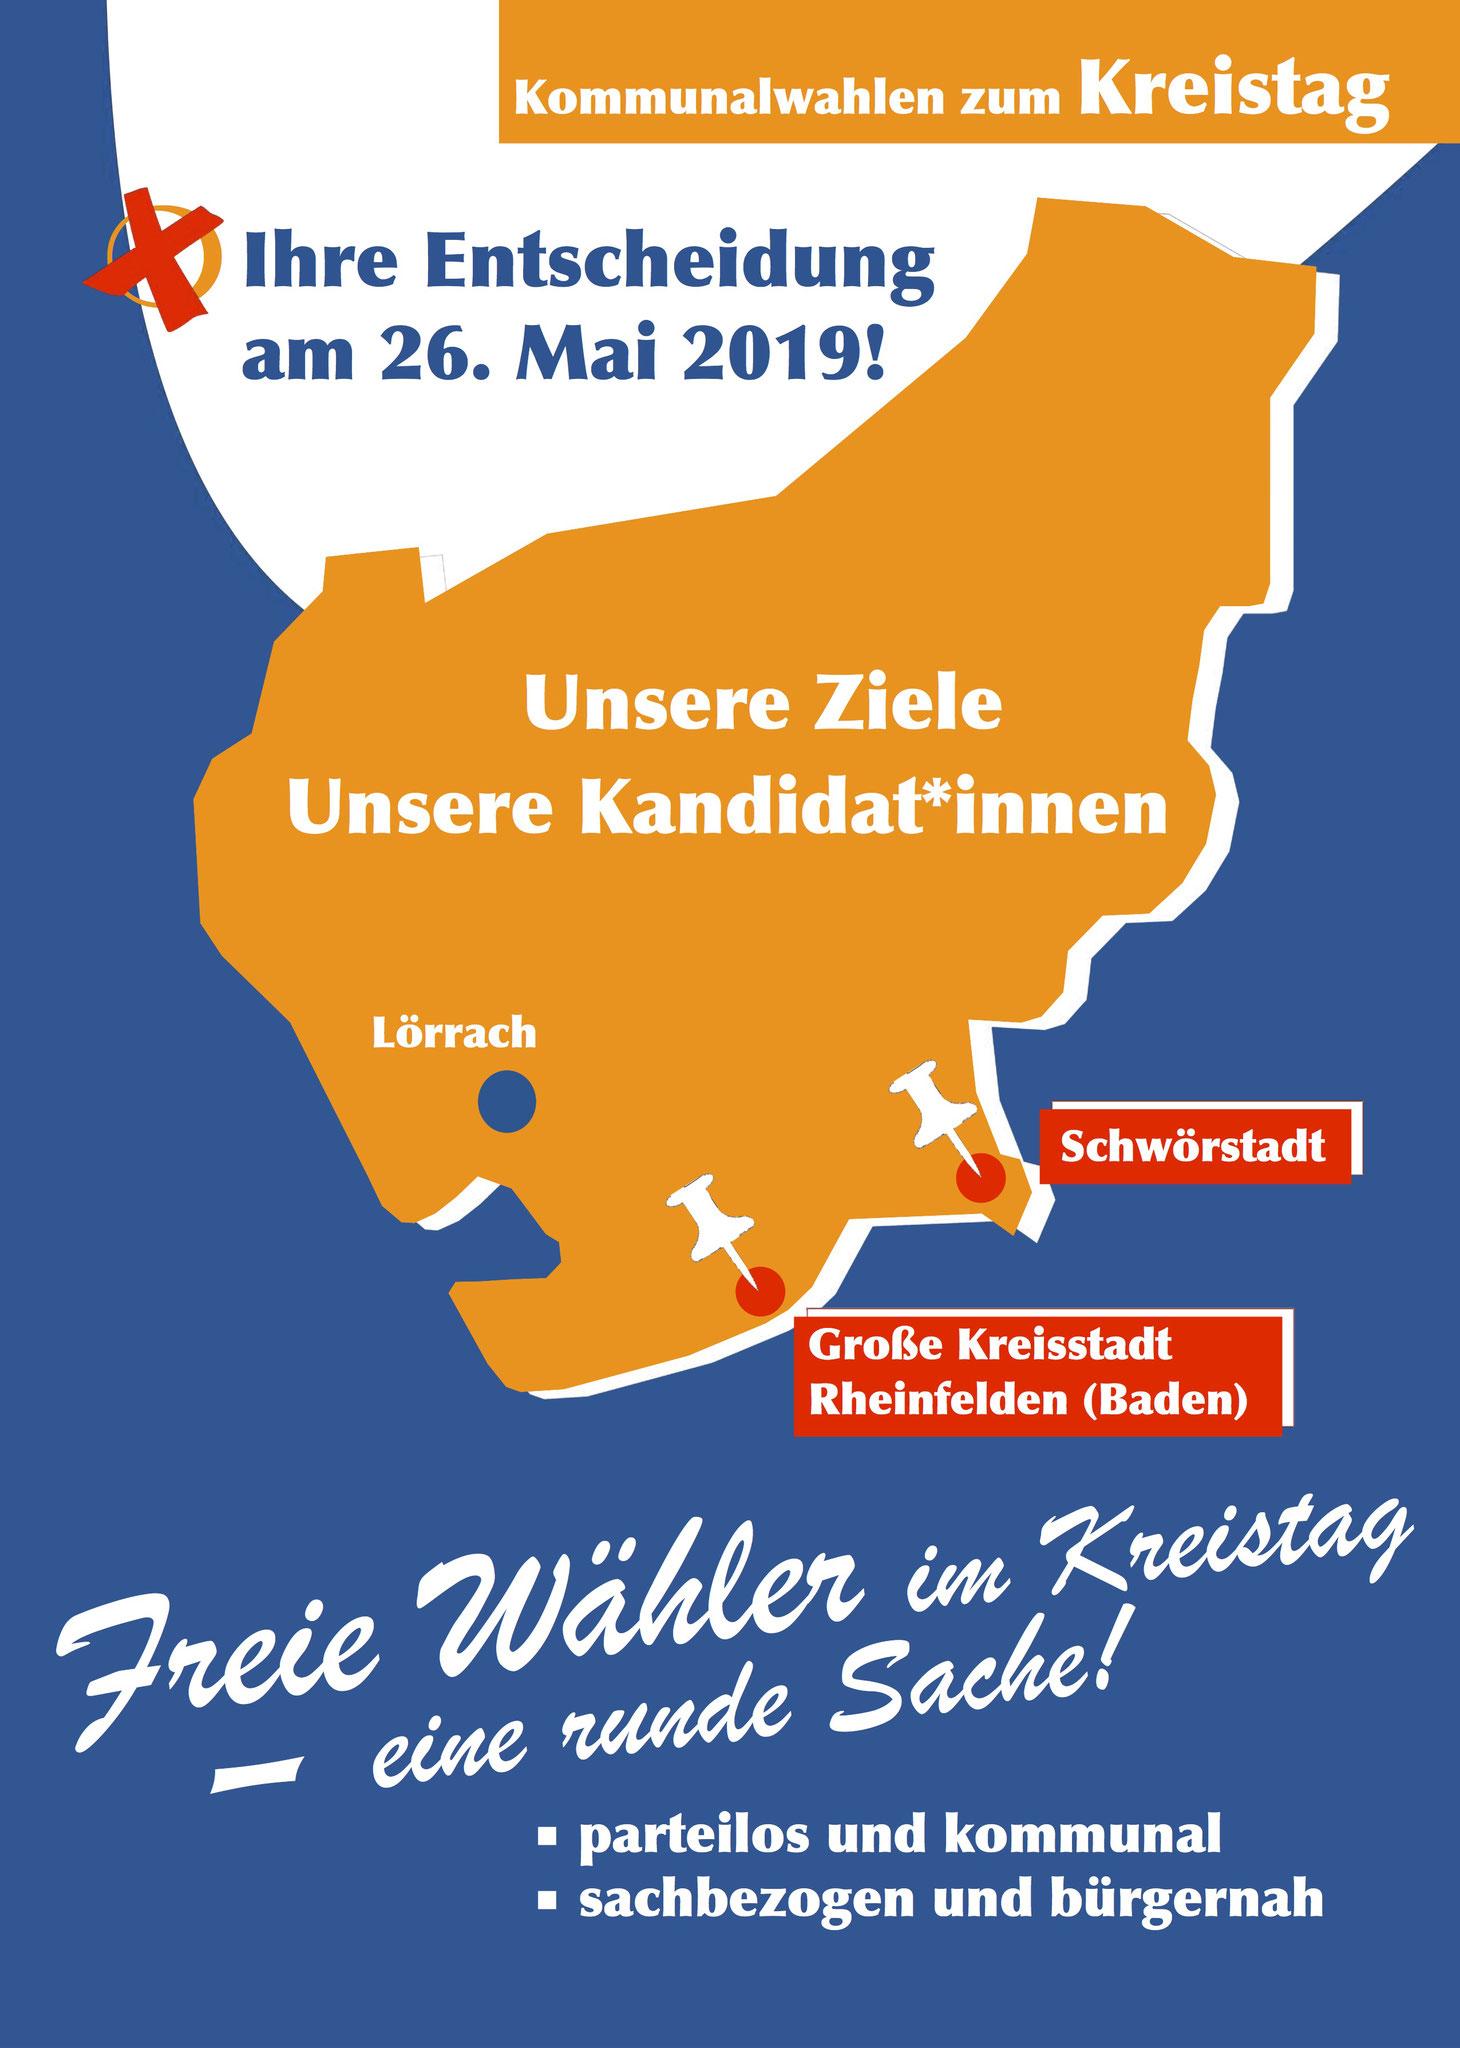 Wahlflyer Kreistag, DIN A 4, Vorderseite